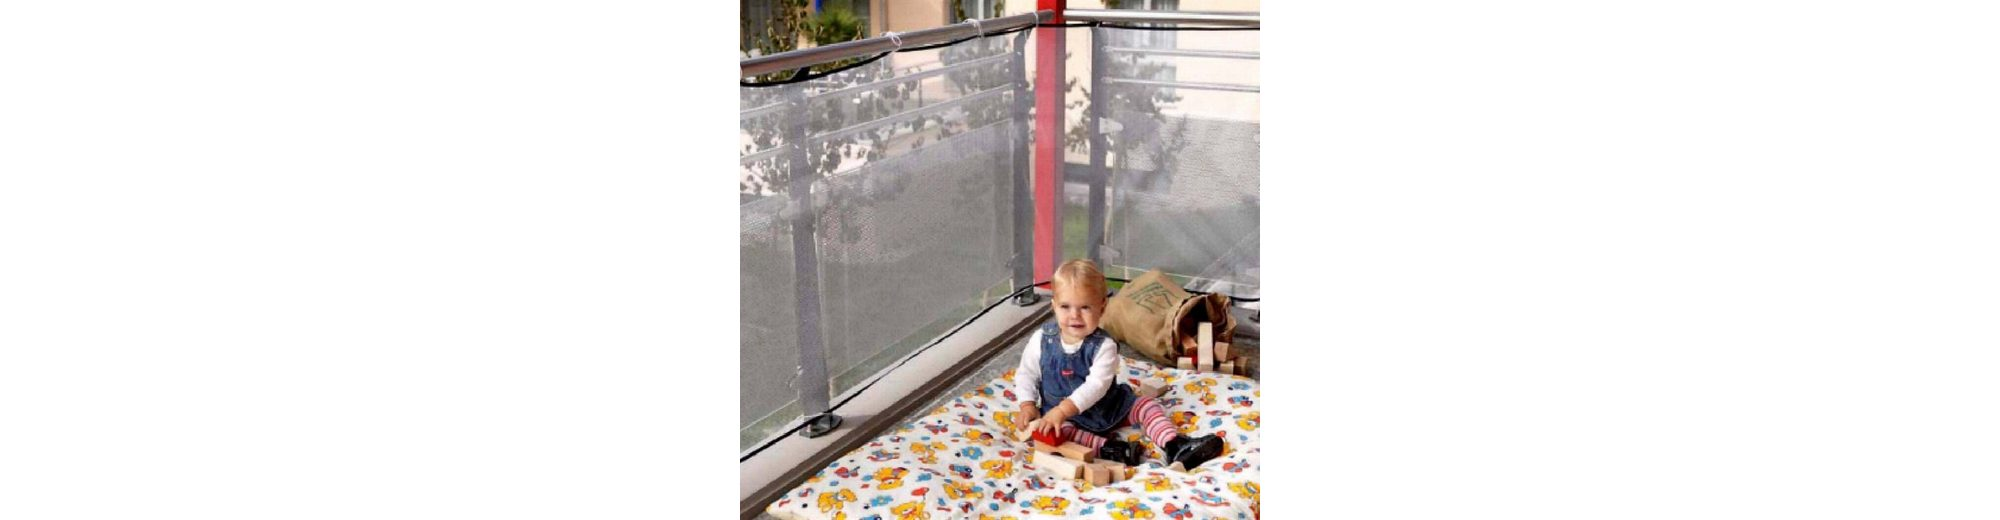 REER Balkonschutz-Netz